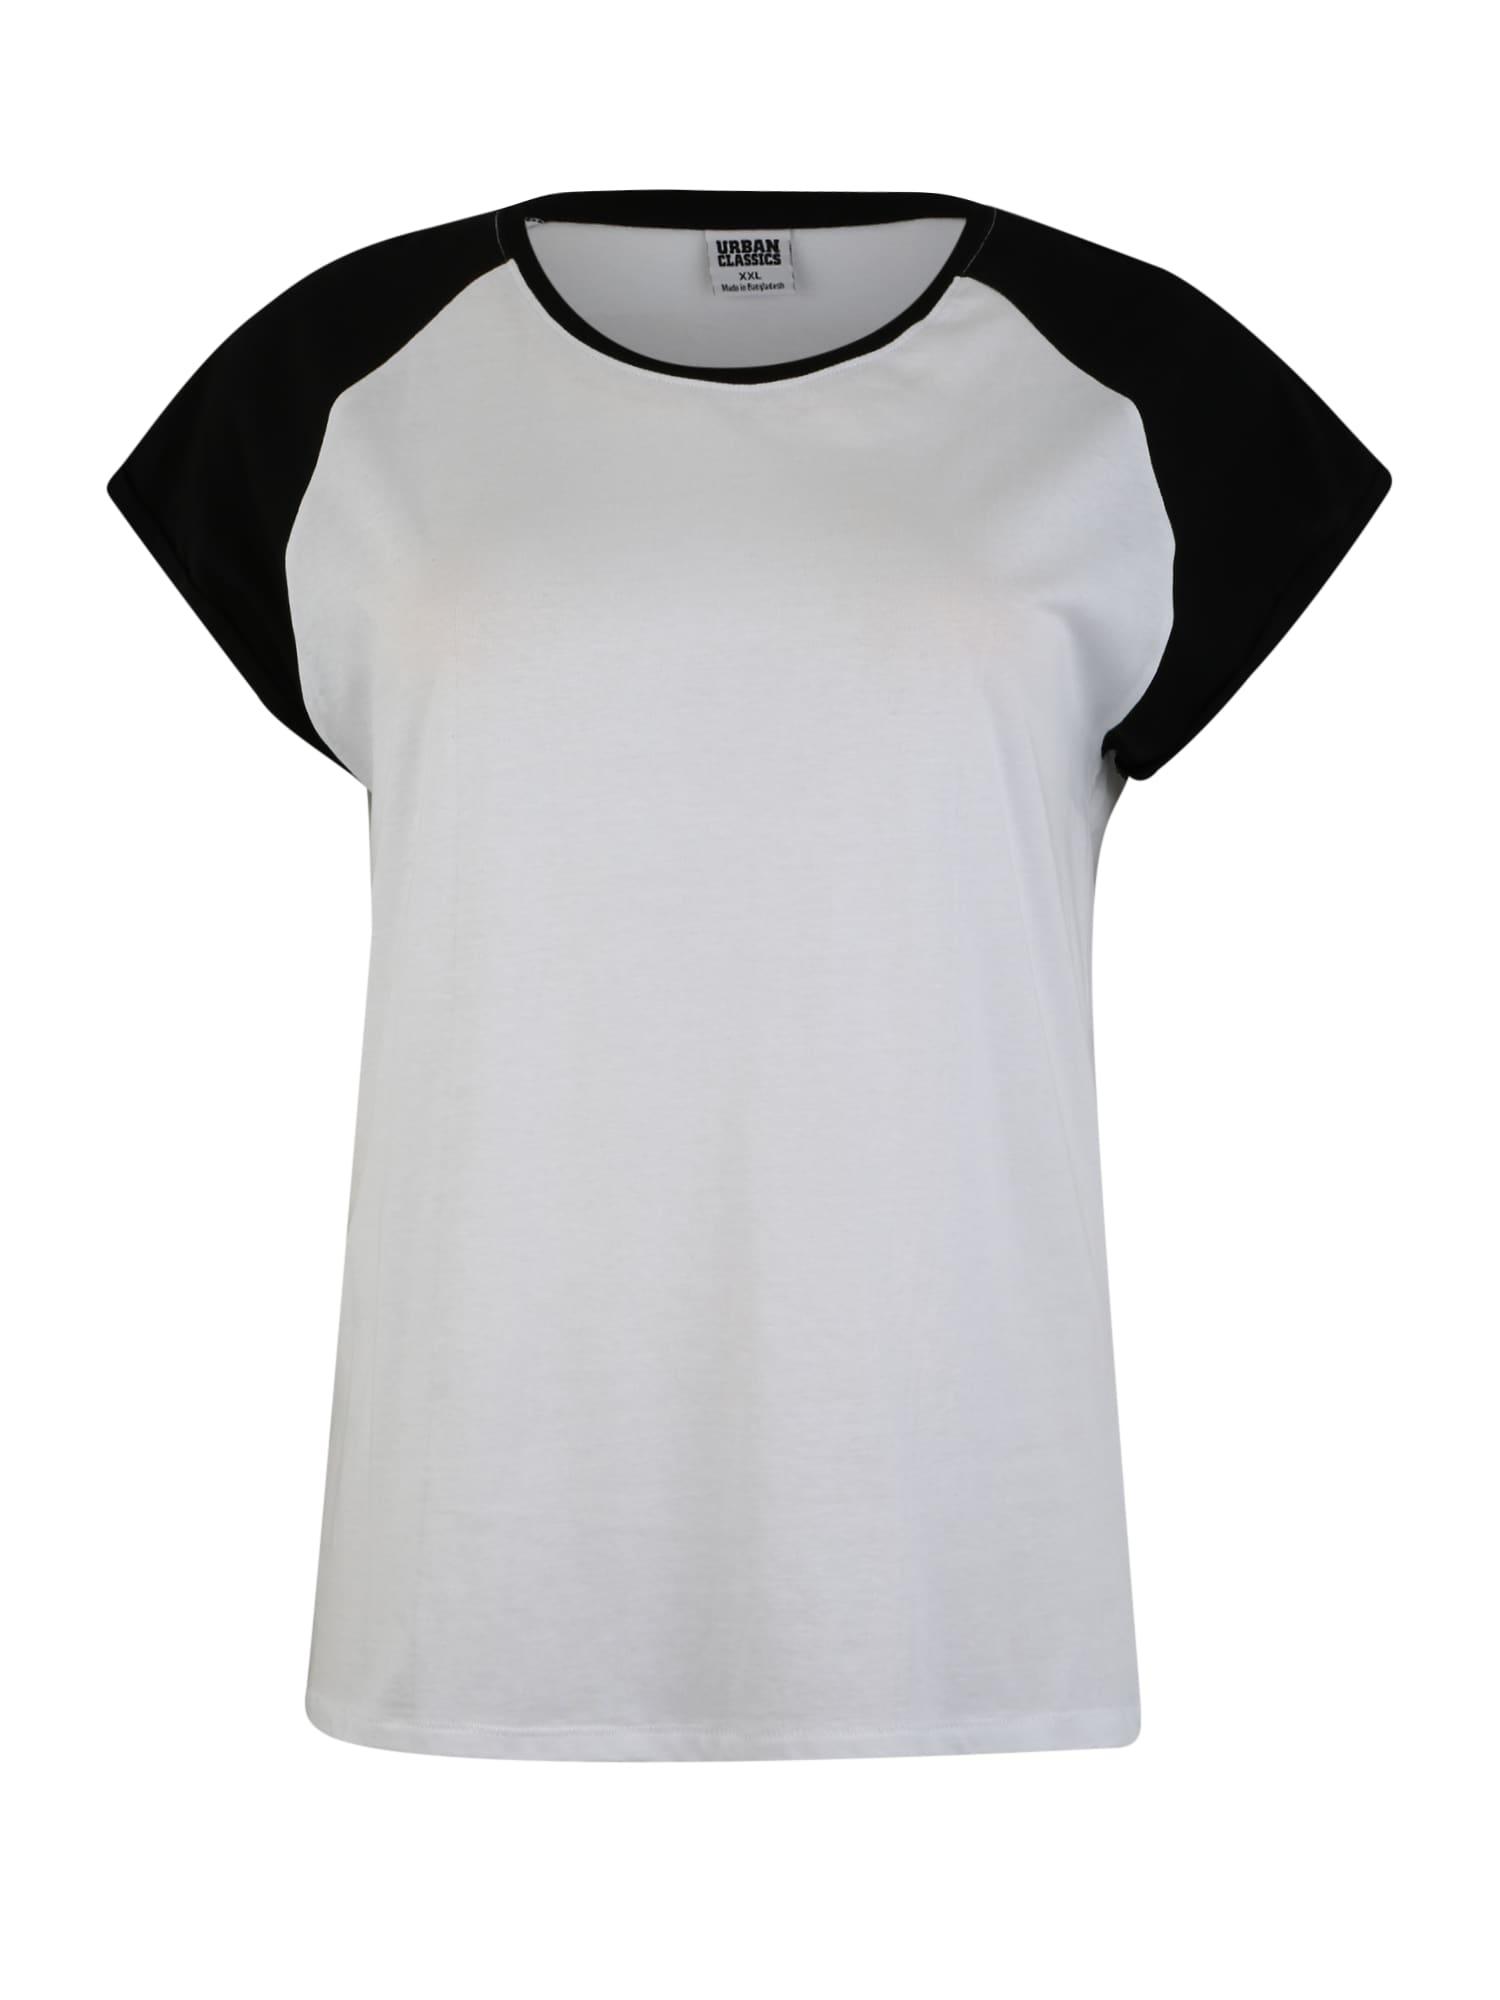 Tričko Ladies Contrast Raglan černá bílá Urban Classics Curvy